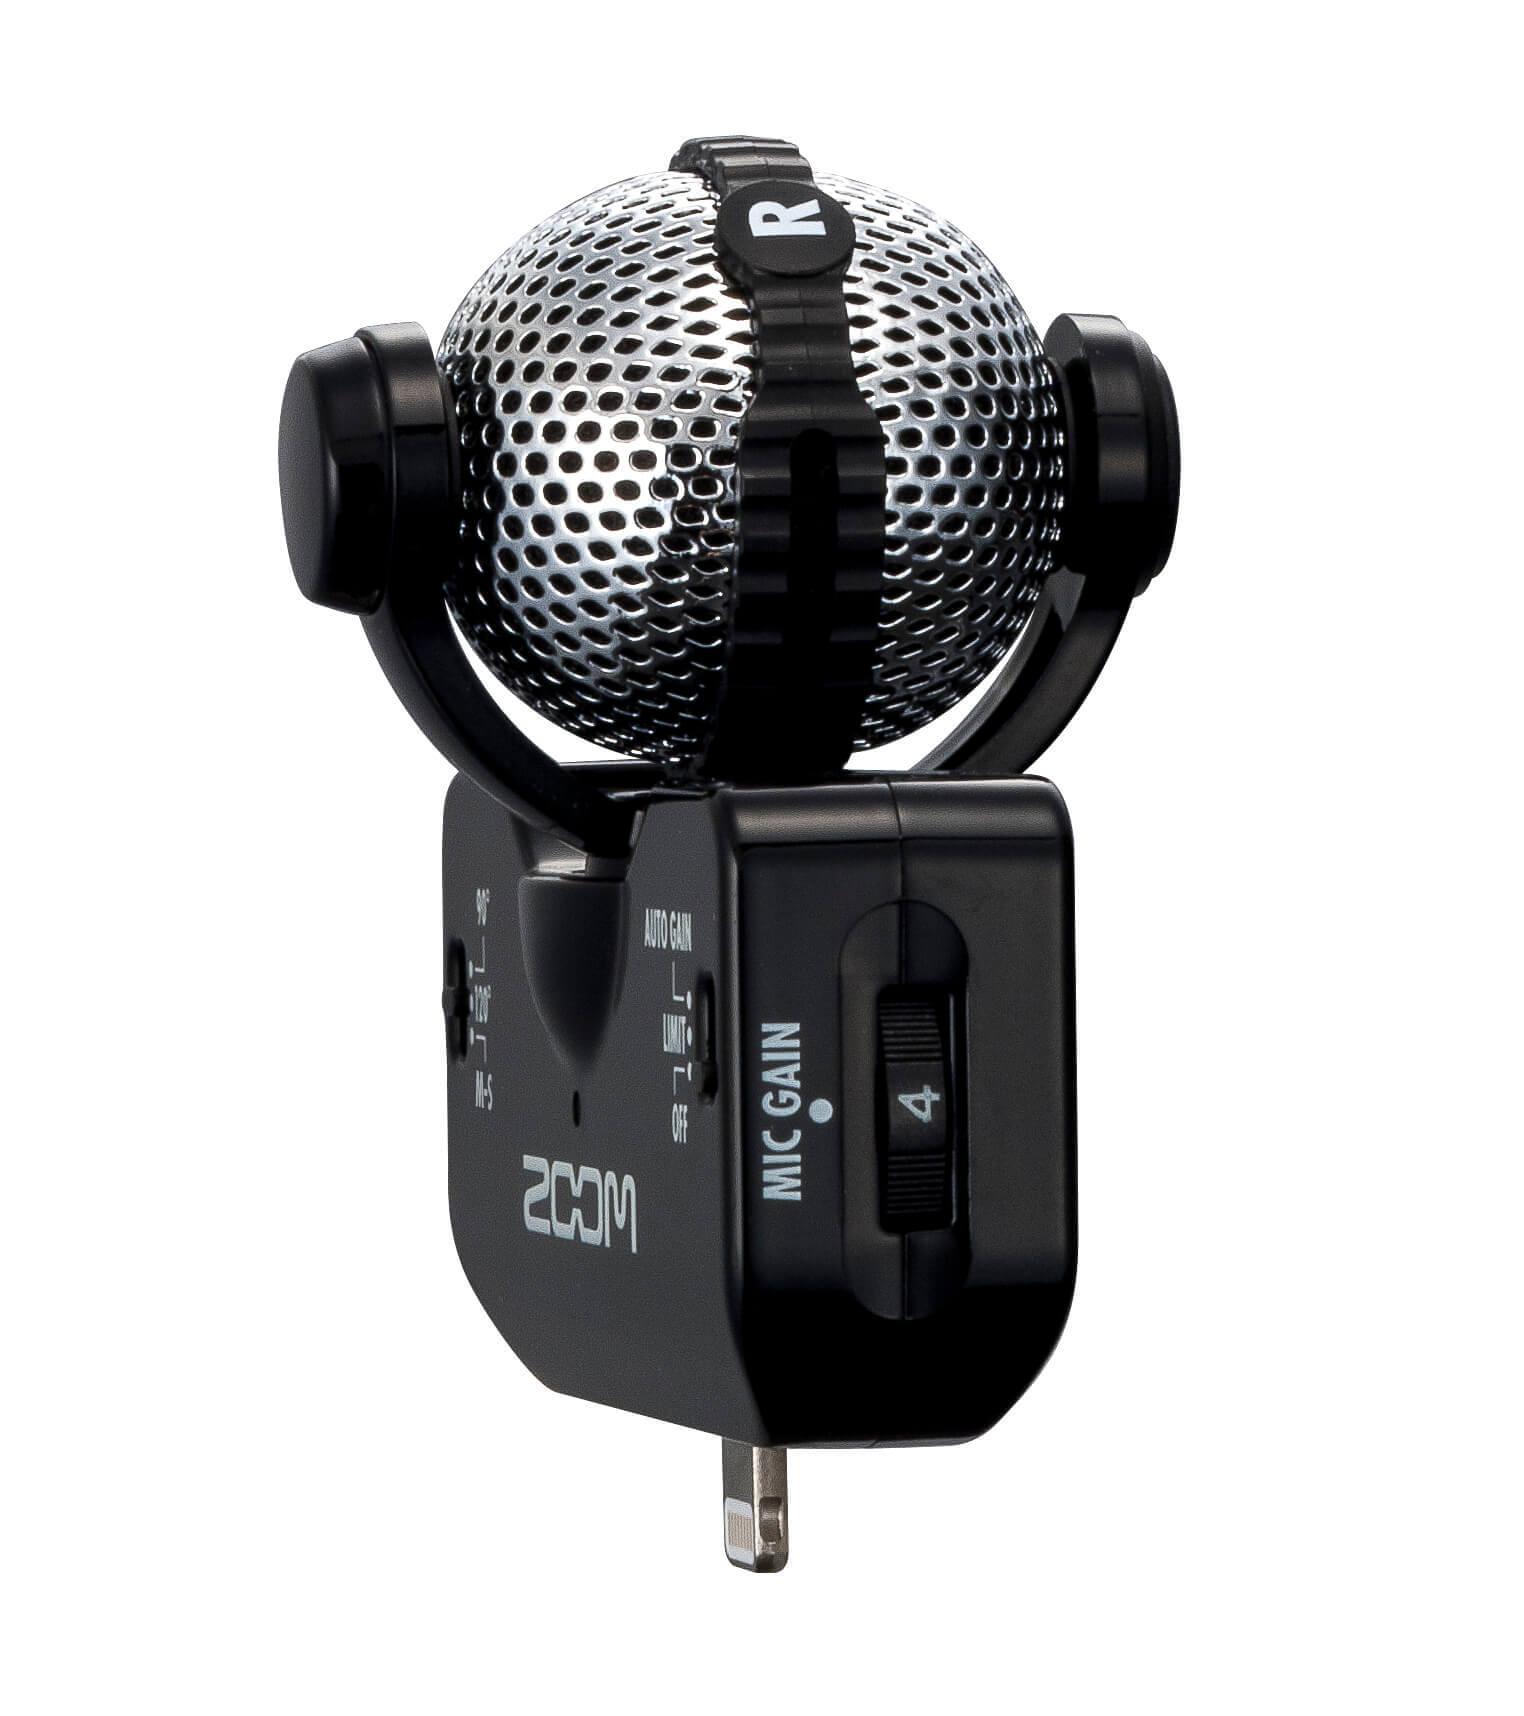 ZOOM IQ5 手机唱吧K歌 苹果录音麦克风 iphone ipad话筒